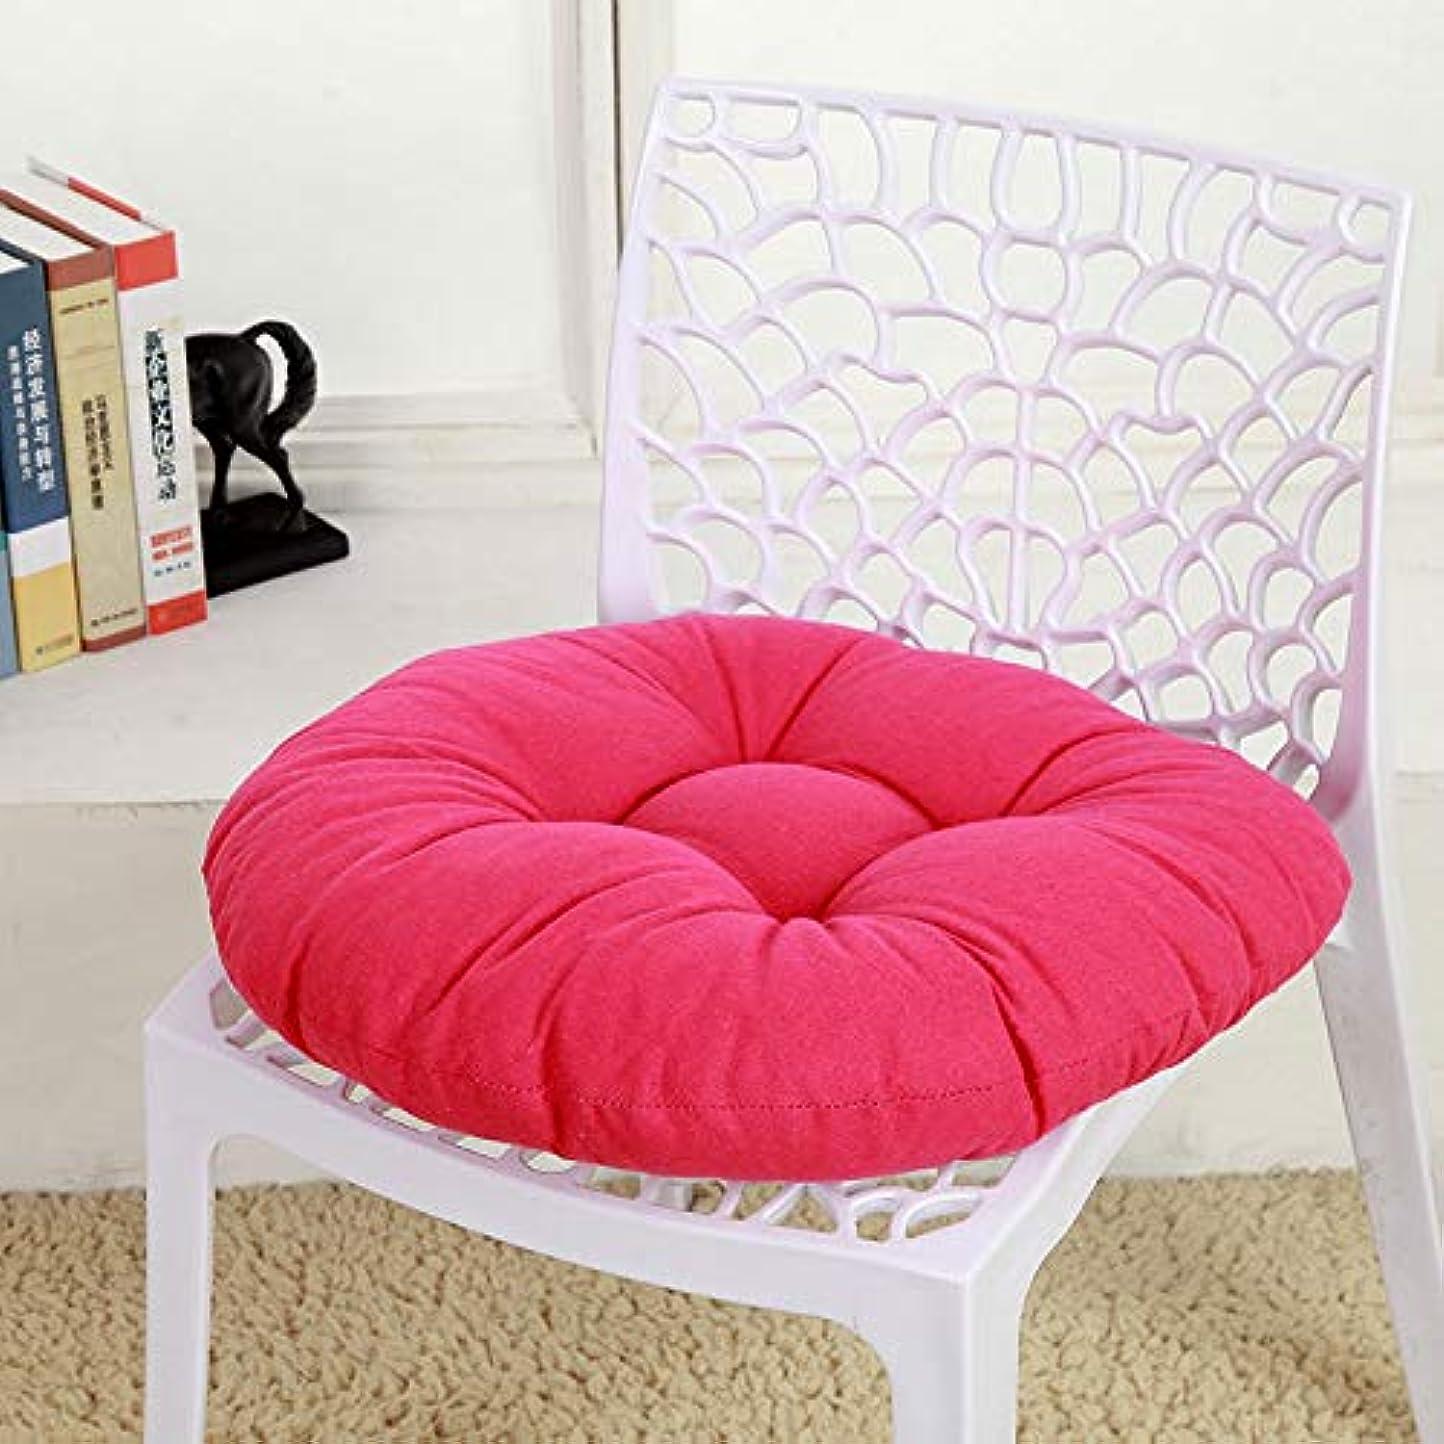 縫ういっぱい無視LIFE キャンディカラーのクッションラウンドシートクッション波ウィンドウシートクッションクッション家の装飾パッドラウンド枕シート枕椅子座る枕 クッション 椅子